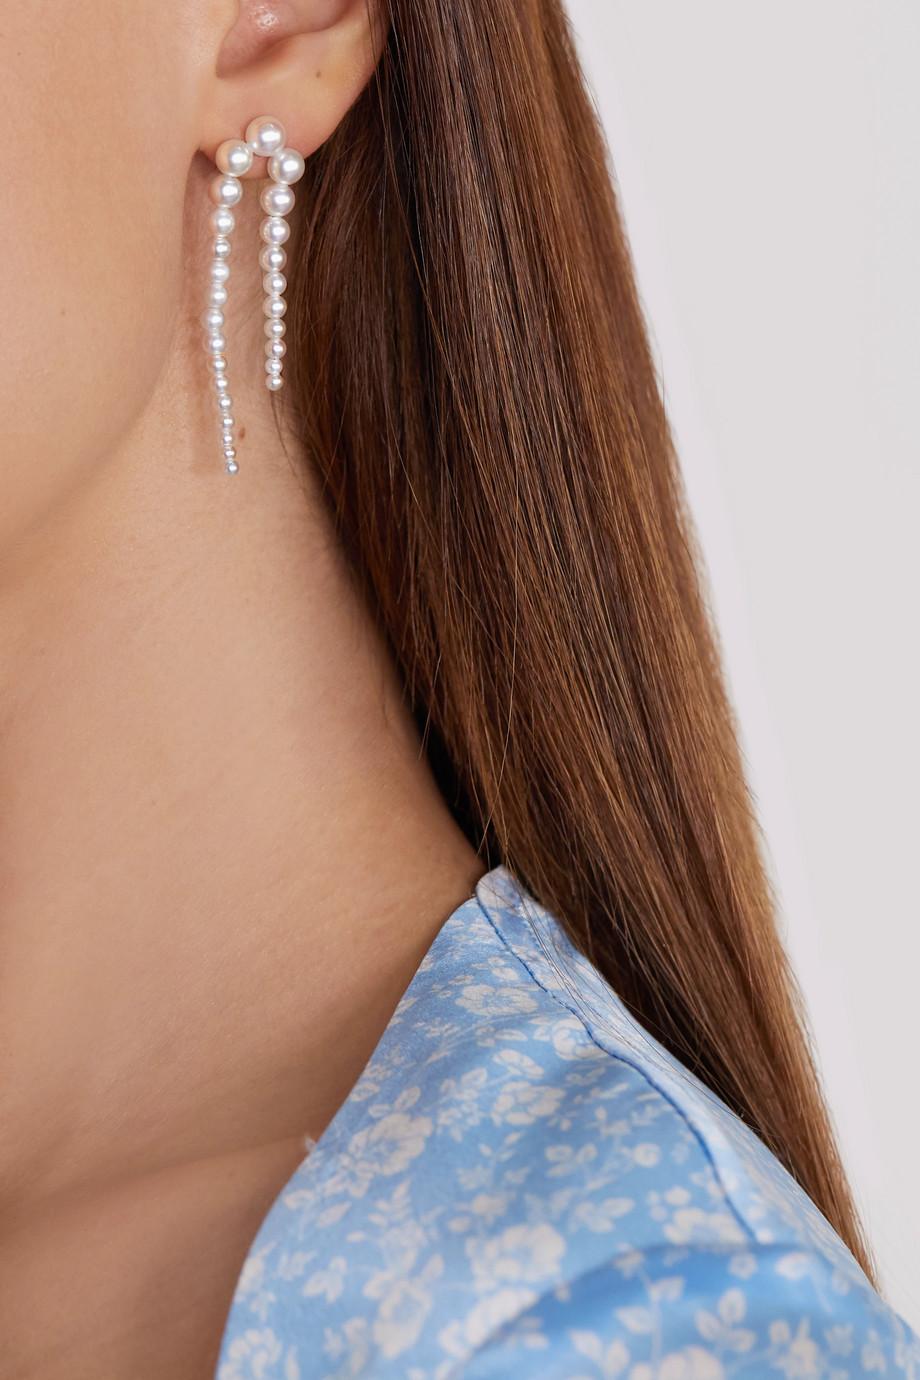 Sophie Bille Brahe Perle Nuit Ohrring aus 14 Karat Gold mit Perlen